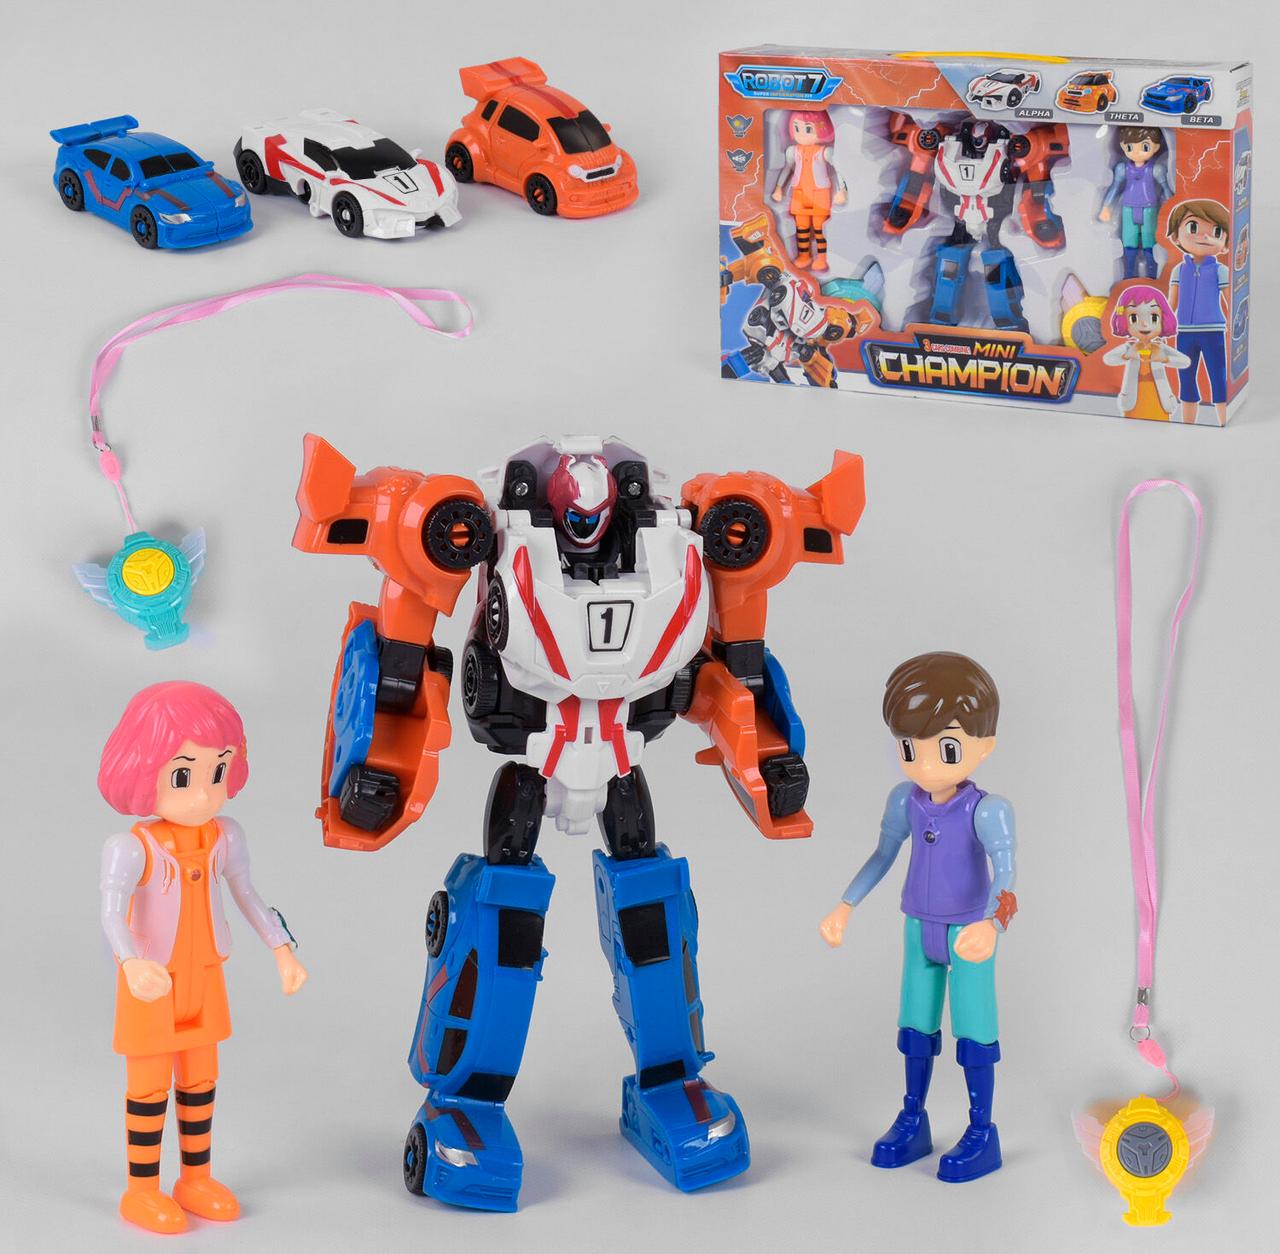 Детский робот машинка Трансформер для мальчика Роботы трансформеры Игрушки роботы-трансформеры